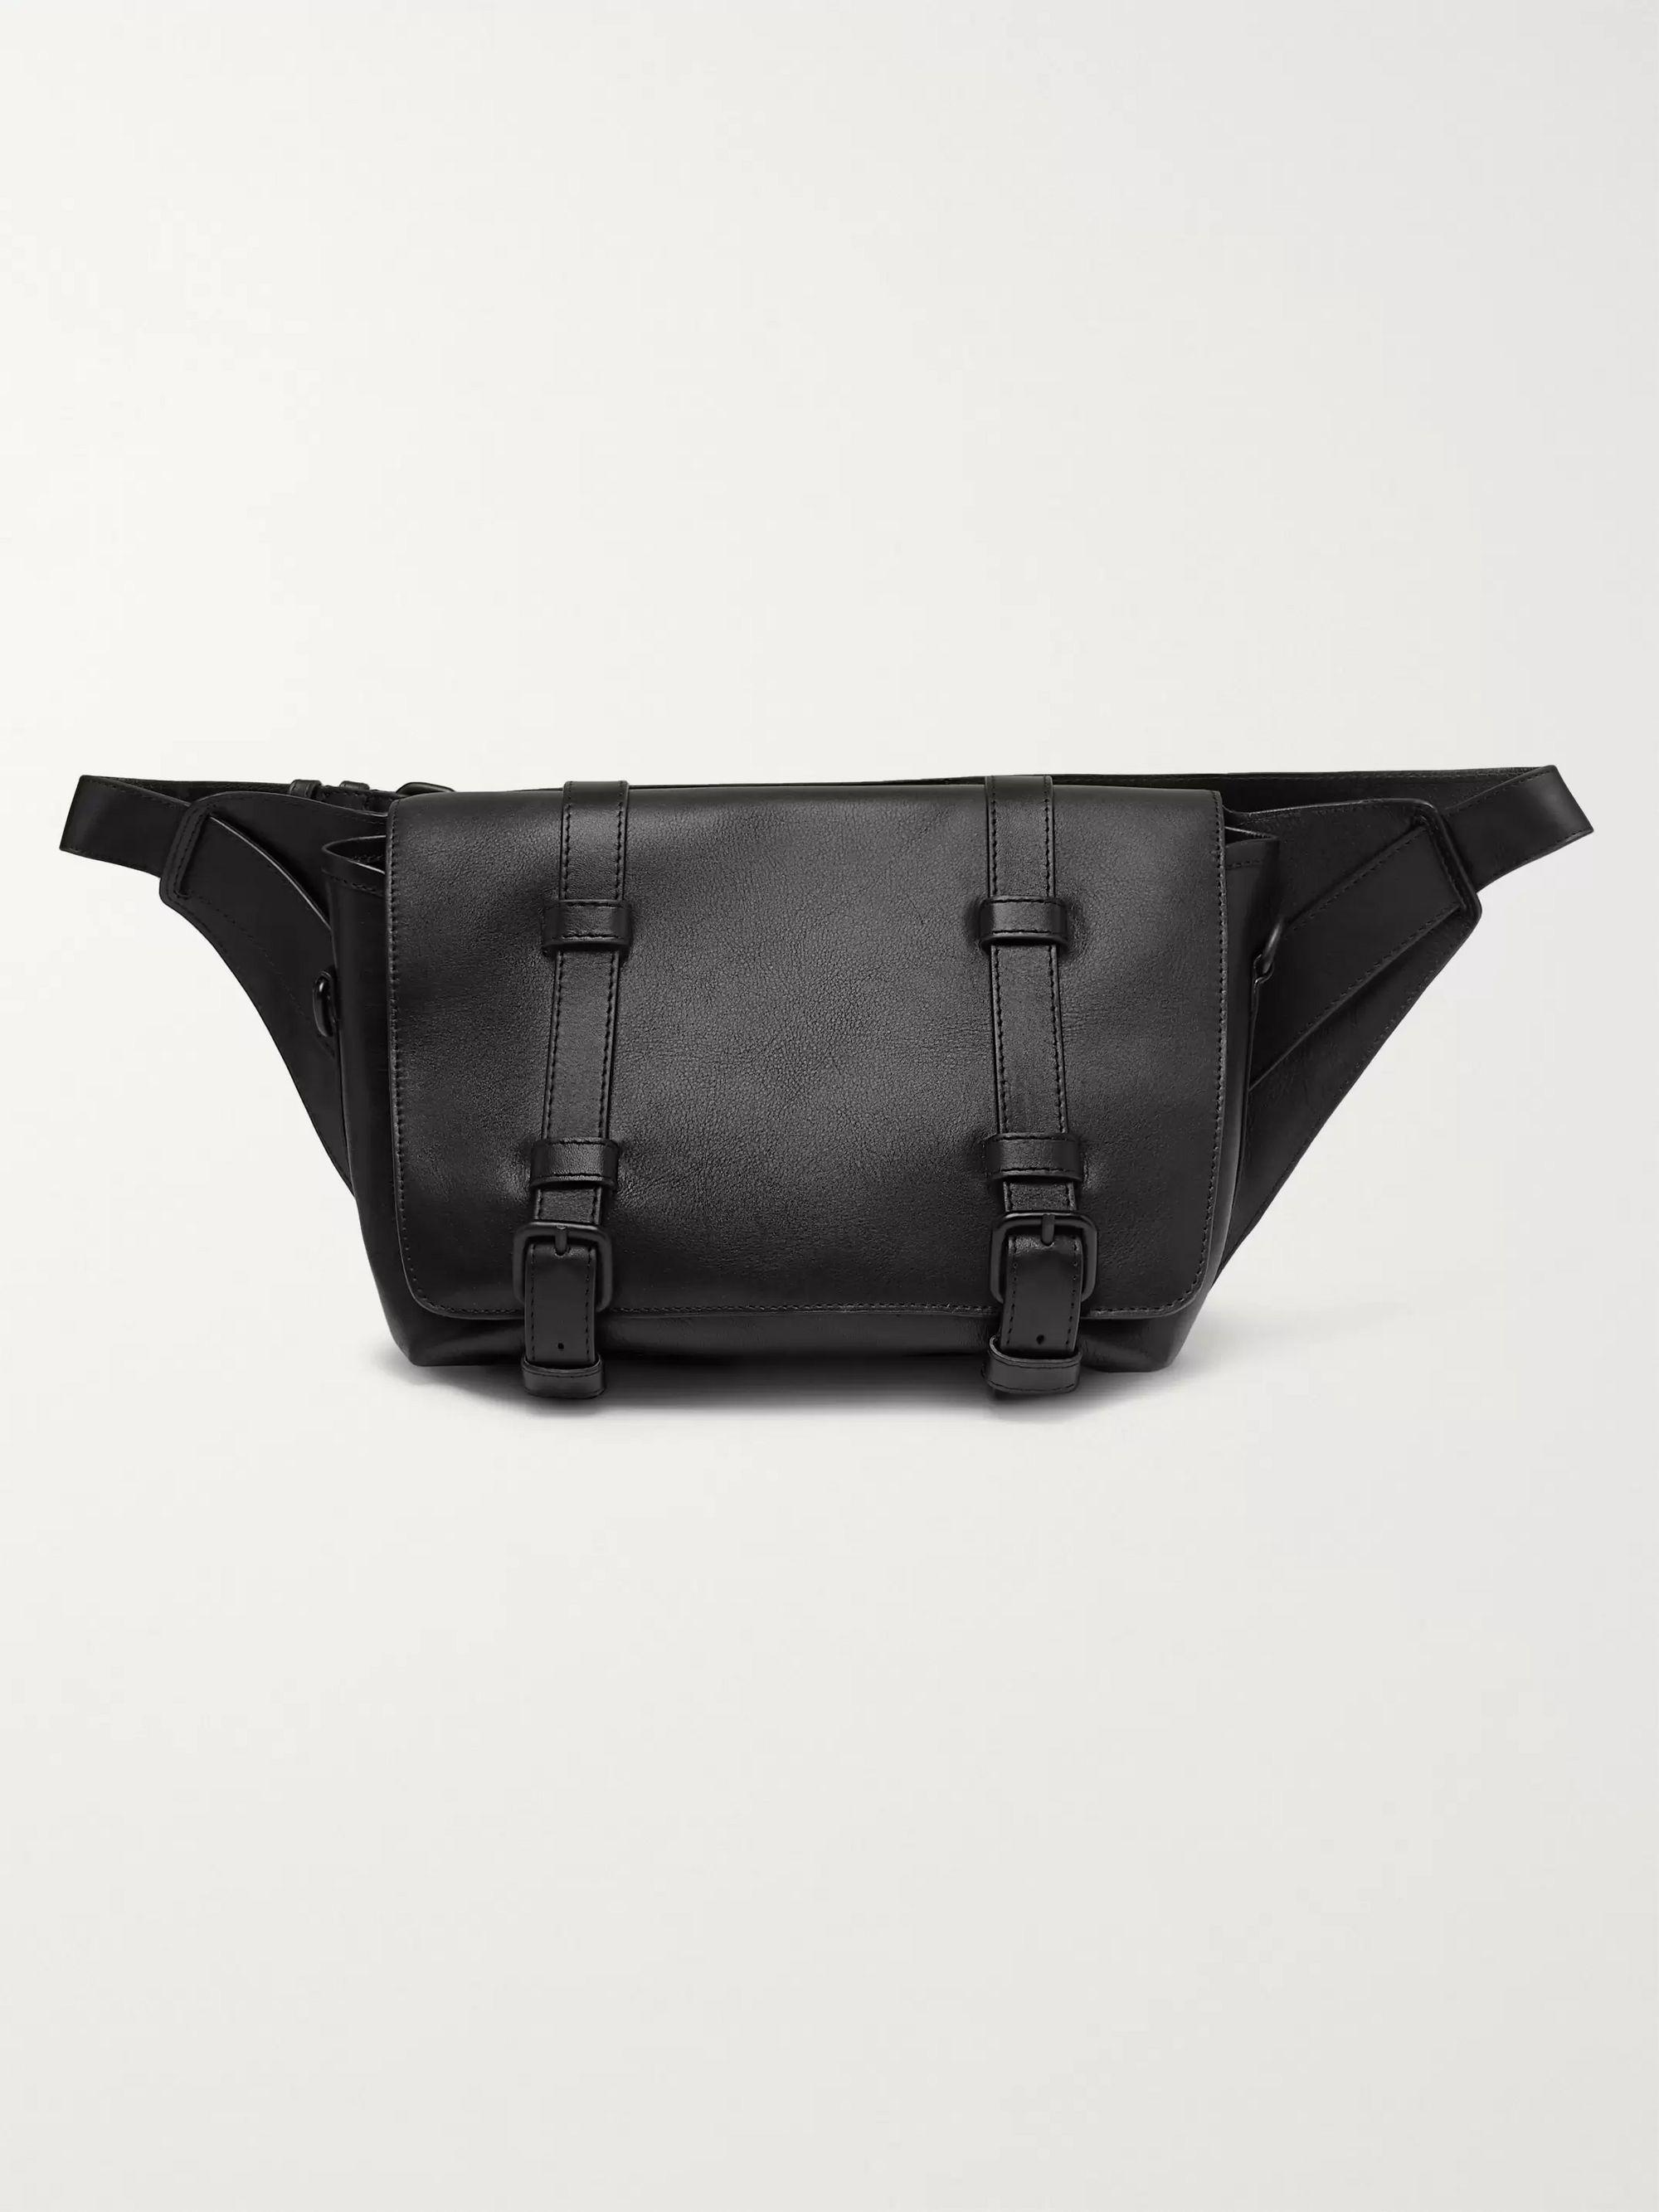 Black Leather Belt Bag | Dries Van Noten | MR PORTER